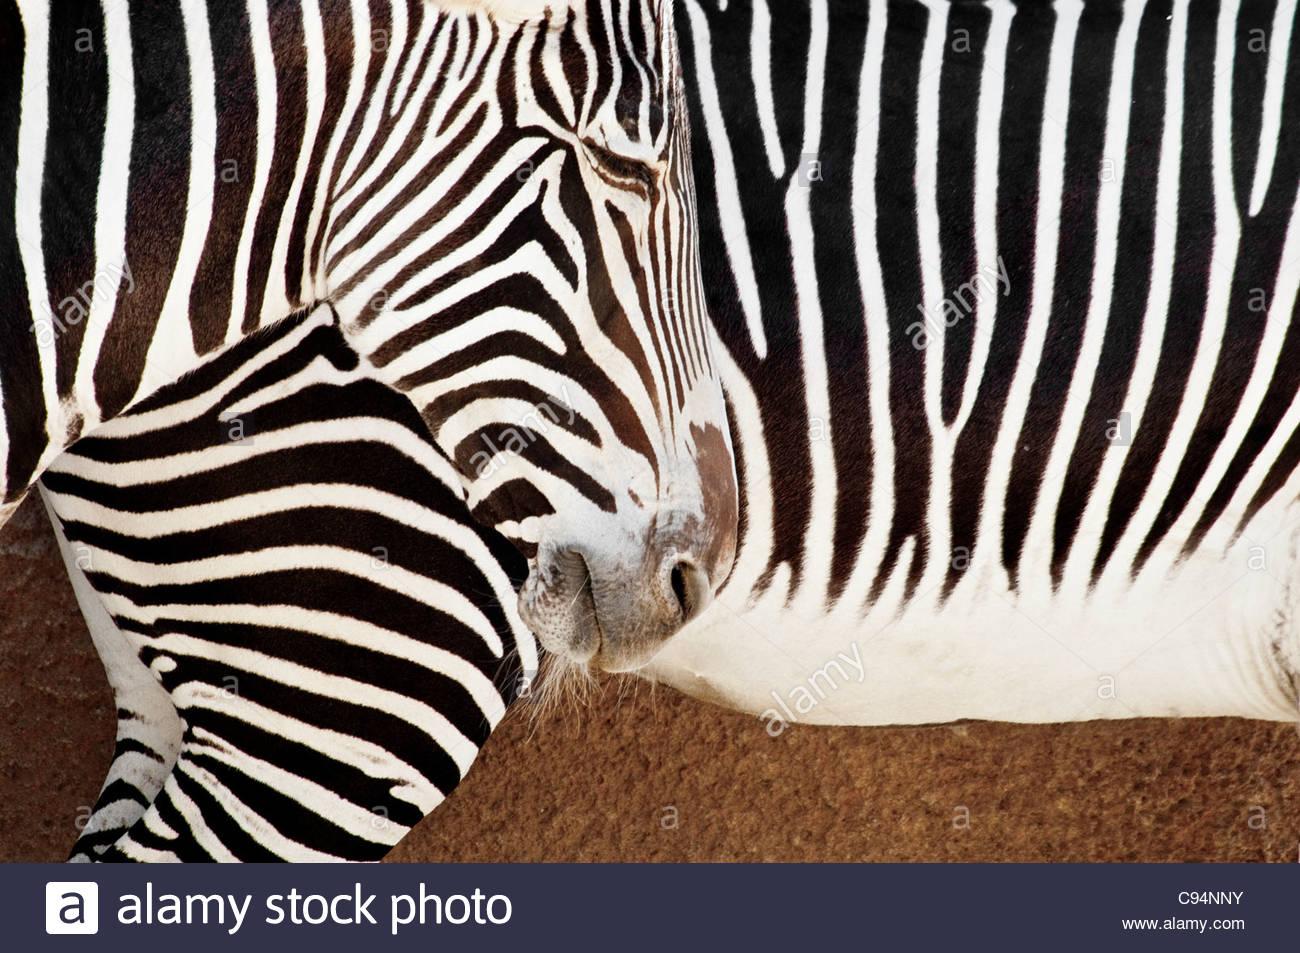 Close-up de patrón de cebra Grevy zebra, Equus grevyi, Zoológico de Los Angeles, Los Angeles, California, Imagen De Stock